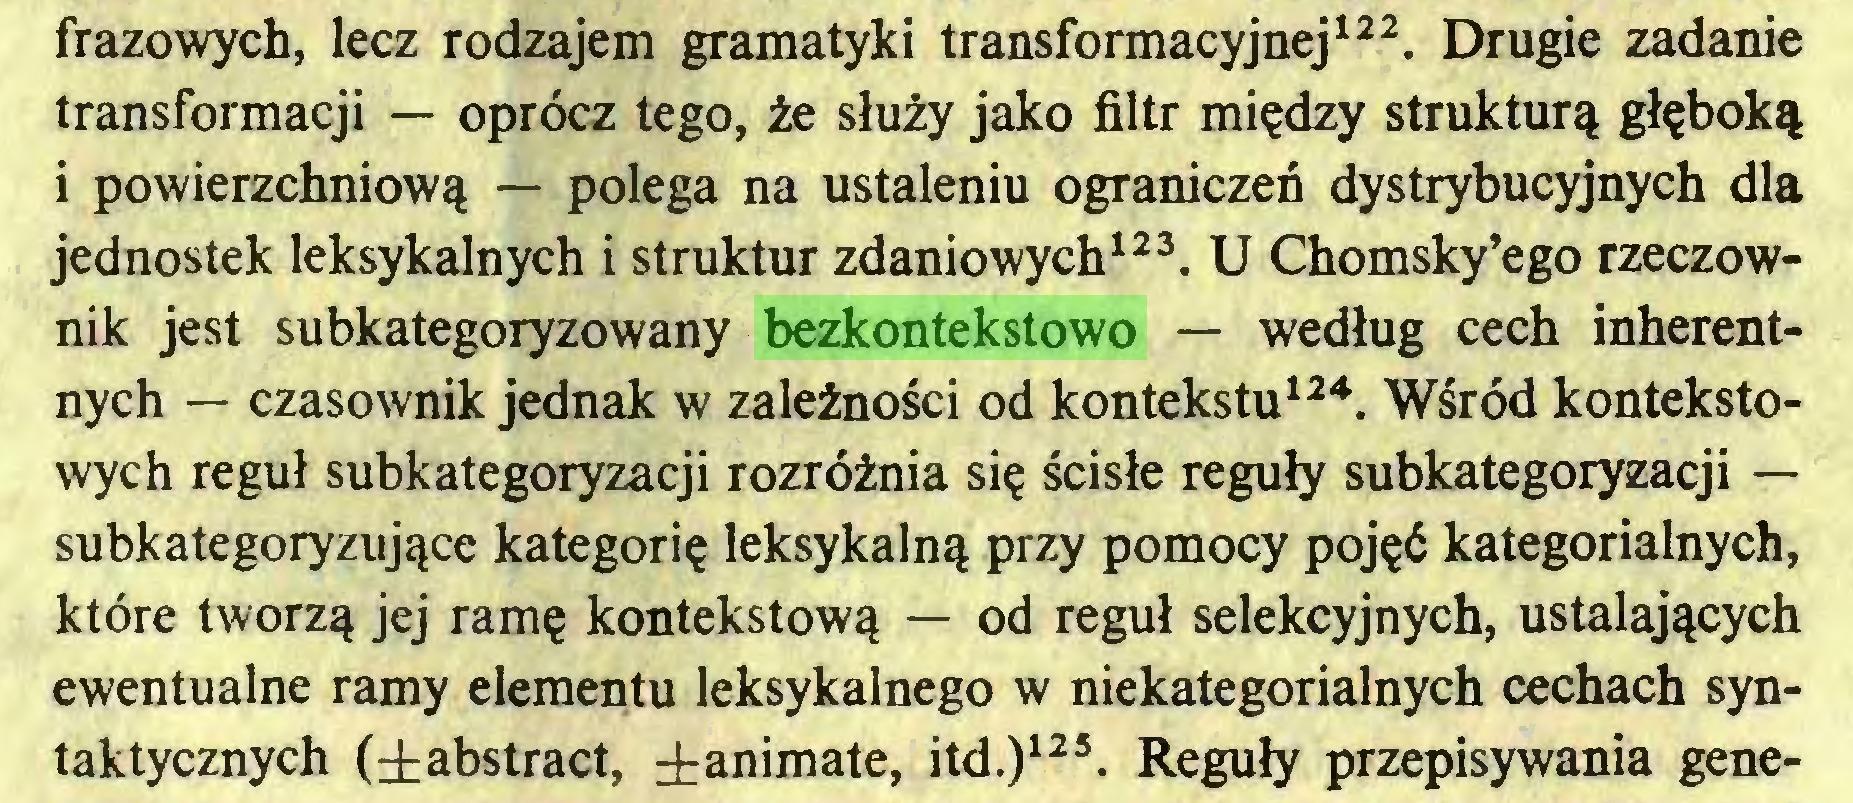 (...) frazowych, lecz rodzajem gramatyki transformacyjnej122. Drugie zadanie transformacji — oprócz tego, że służy jako filtr między strukturą głęboką i powierzchniową — polega na ustaleniu ograniczeń dystrybucyjnych dla jednostek leksykalnych i struktur zdaniowych123. U Chomsky'ego rzeczownik jest subkategoryzowany bezkontekstowo — według cech inherentnych — czasownik jednak w zależności od kontekstu124. Wśród kontekstowych reguł subkategoryzacji rozróżnia się ścisłe reguły subkategoryzacji — subkategoryzujące kategorię leksykalną przy pomocy pojęć kategorialnych, które tworzą jej ramę kontekstową — od reguł selekcyjnych, ustalających ewentualne ramy elementu leksykalnego w niekategorialnych cechach syntaktycznych (±abstract, ±animate, itd.)125. Reguły przepisywania gene...